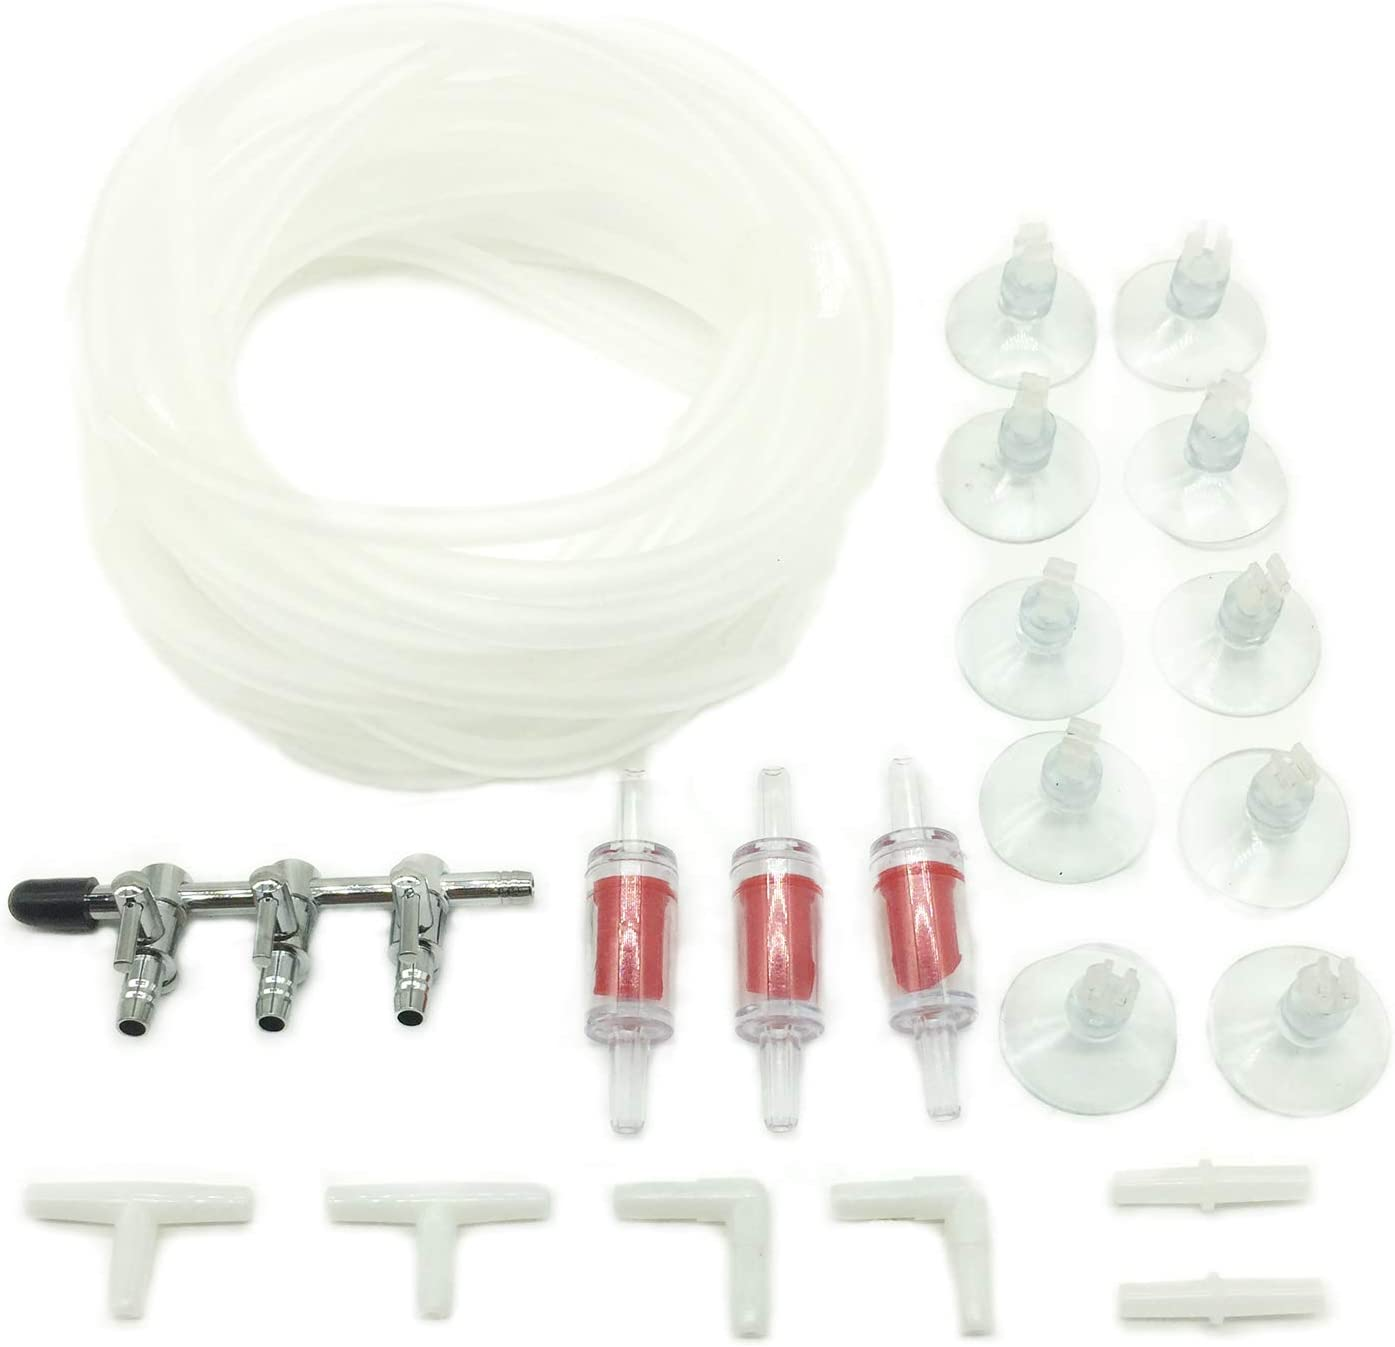 PietyPet Valvula de Acero Inoxidable de 3 Grifos con 4m Tubo de línea aérea estándar, 3 Válvula de Retención, 10 Clips de Ventosa y 6 Conectores